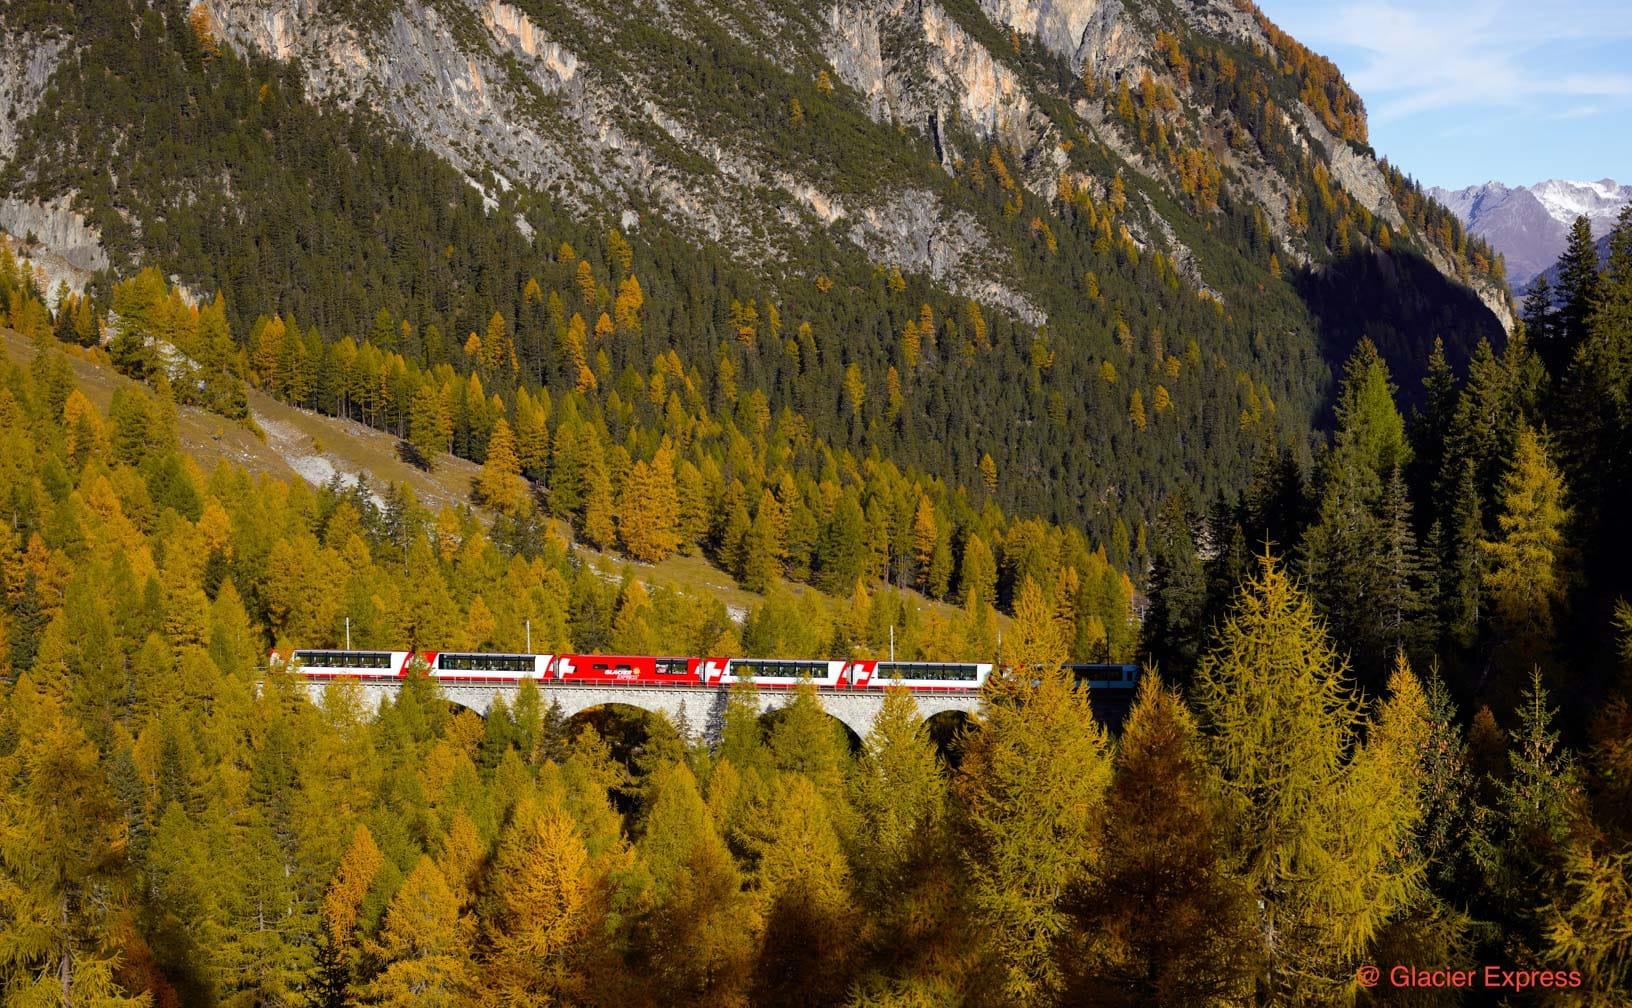 Glacier Express train going through mountains